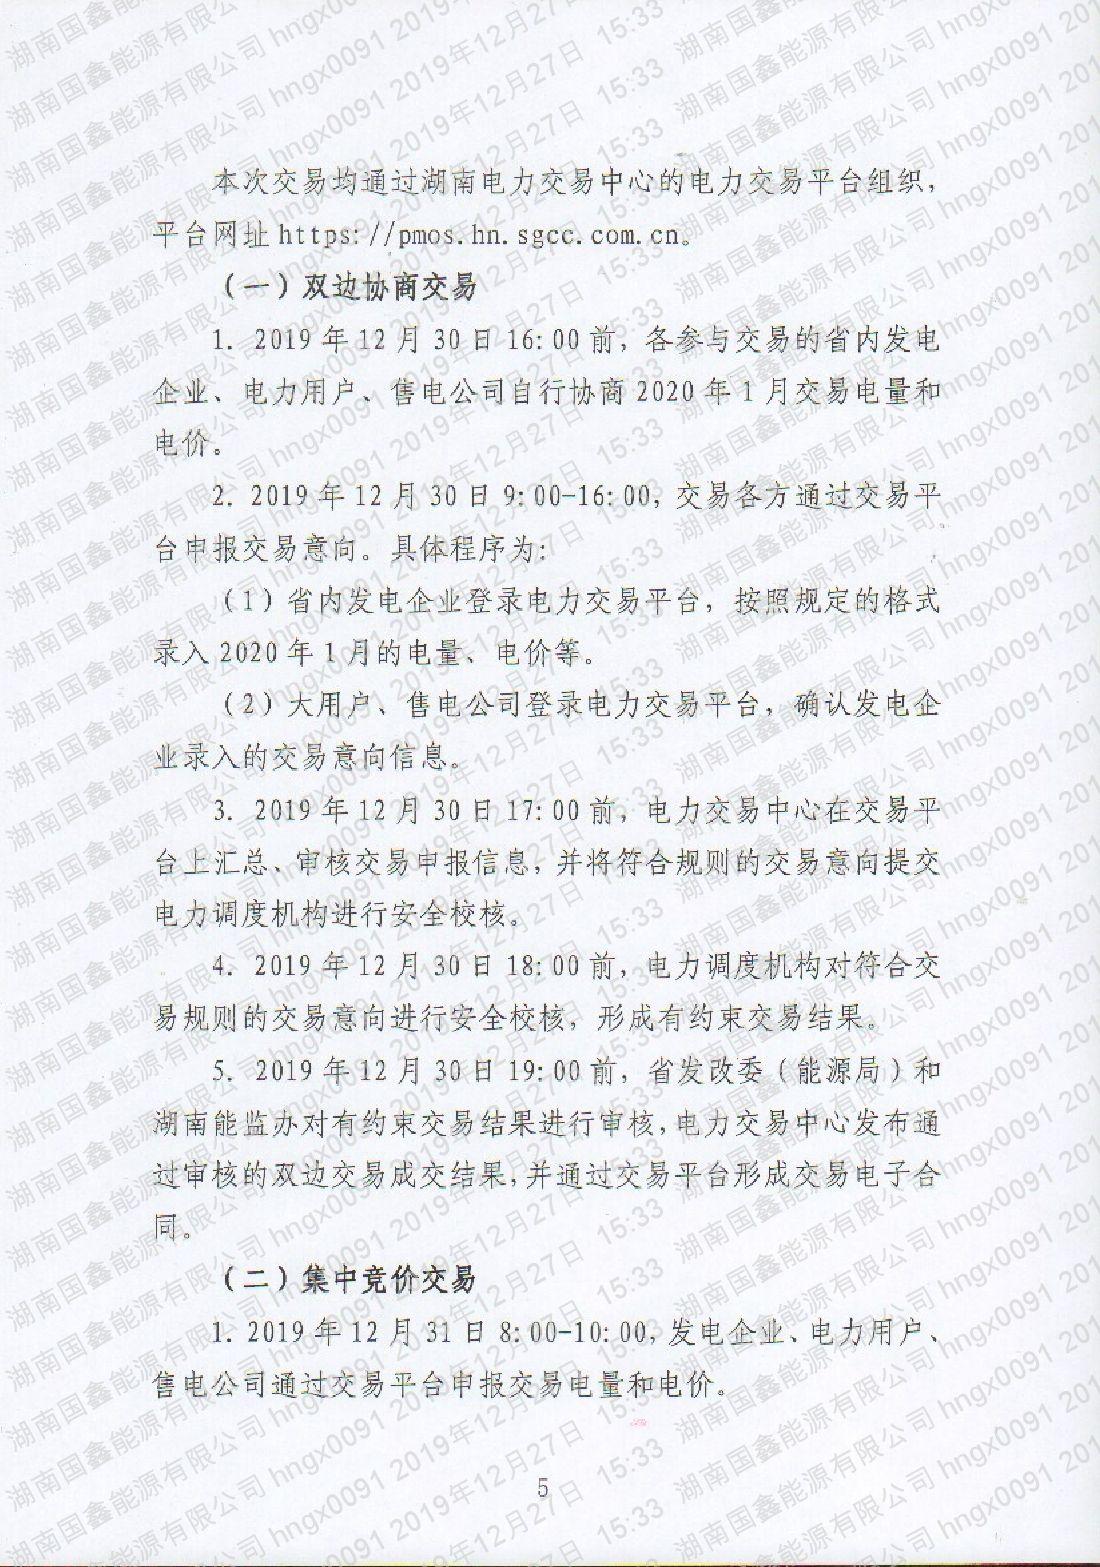 2020年第2號交易公告(1月月度交易).pdf_page_5_compressed.jpg